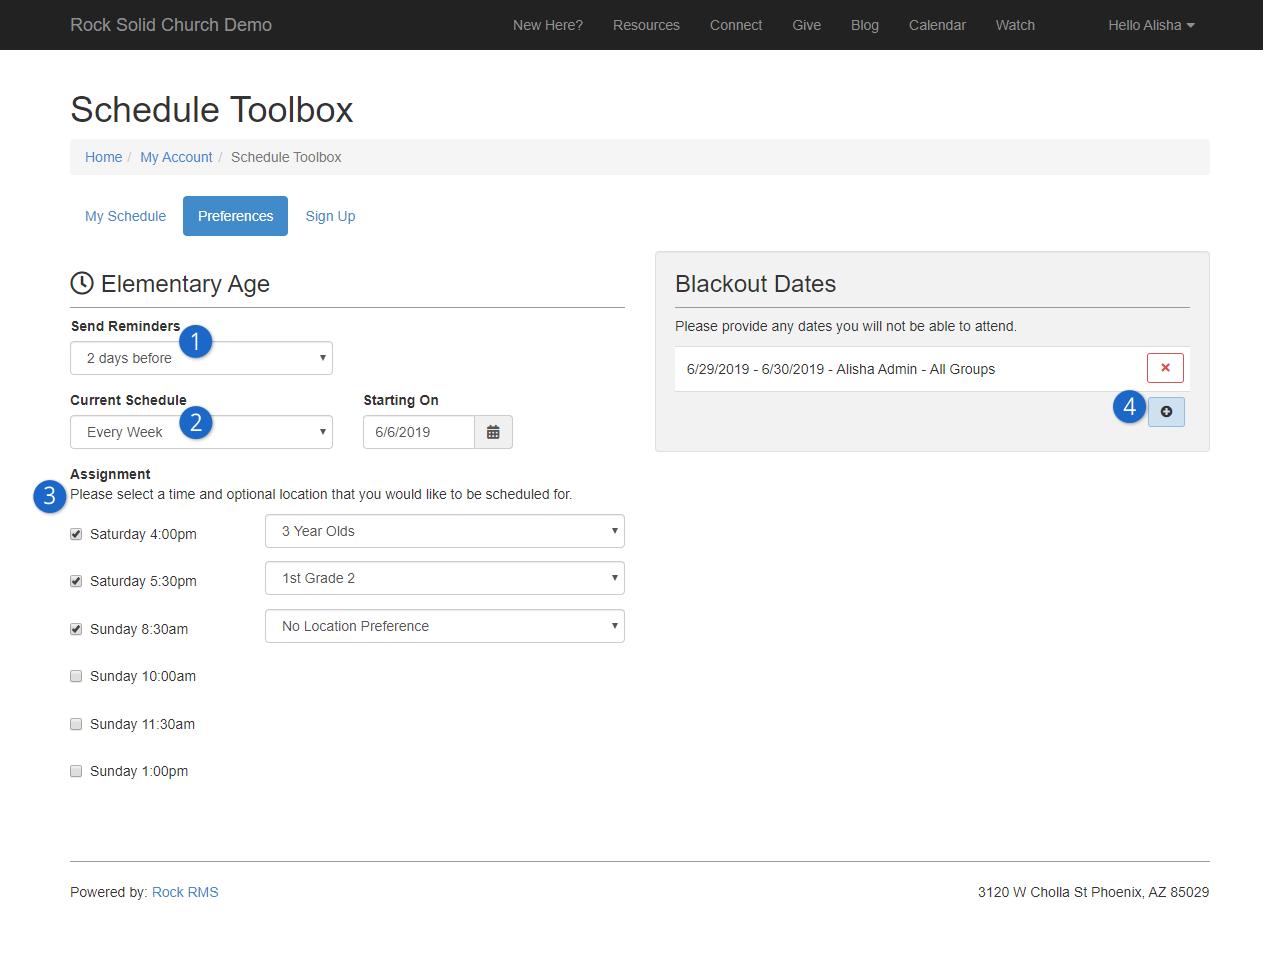 External Schedule Toolbox